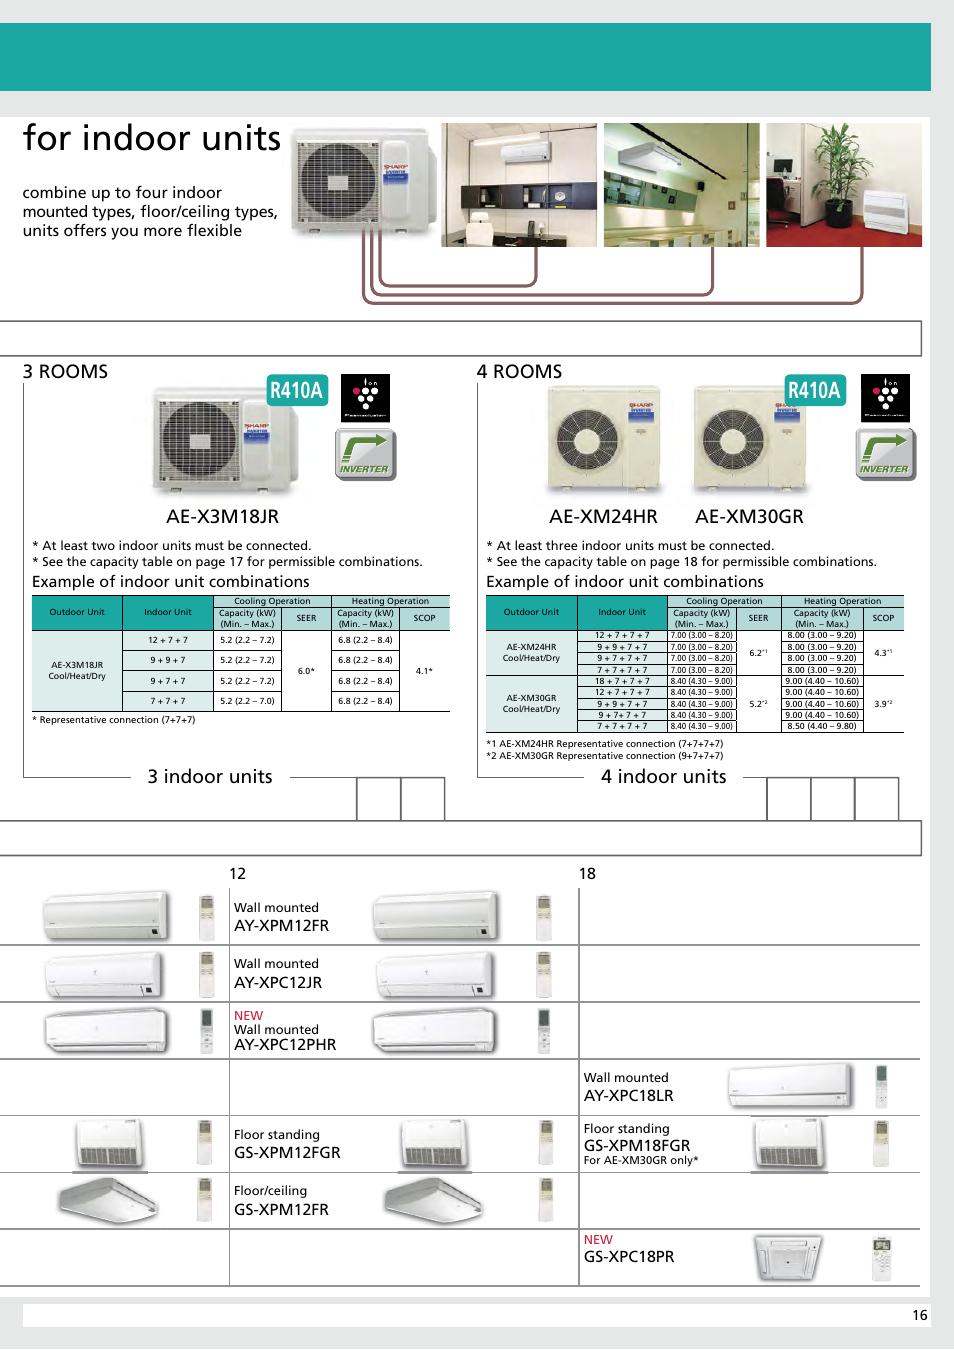 inverter for indoor units r410a sharp ay xp9rmr ae x9rmr user rh manualsdir com sharp user manual download sharp user manual download